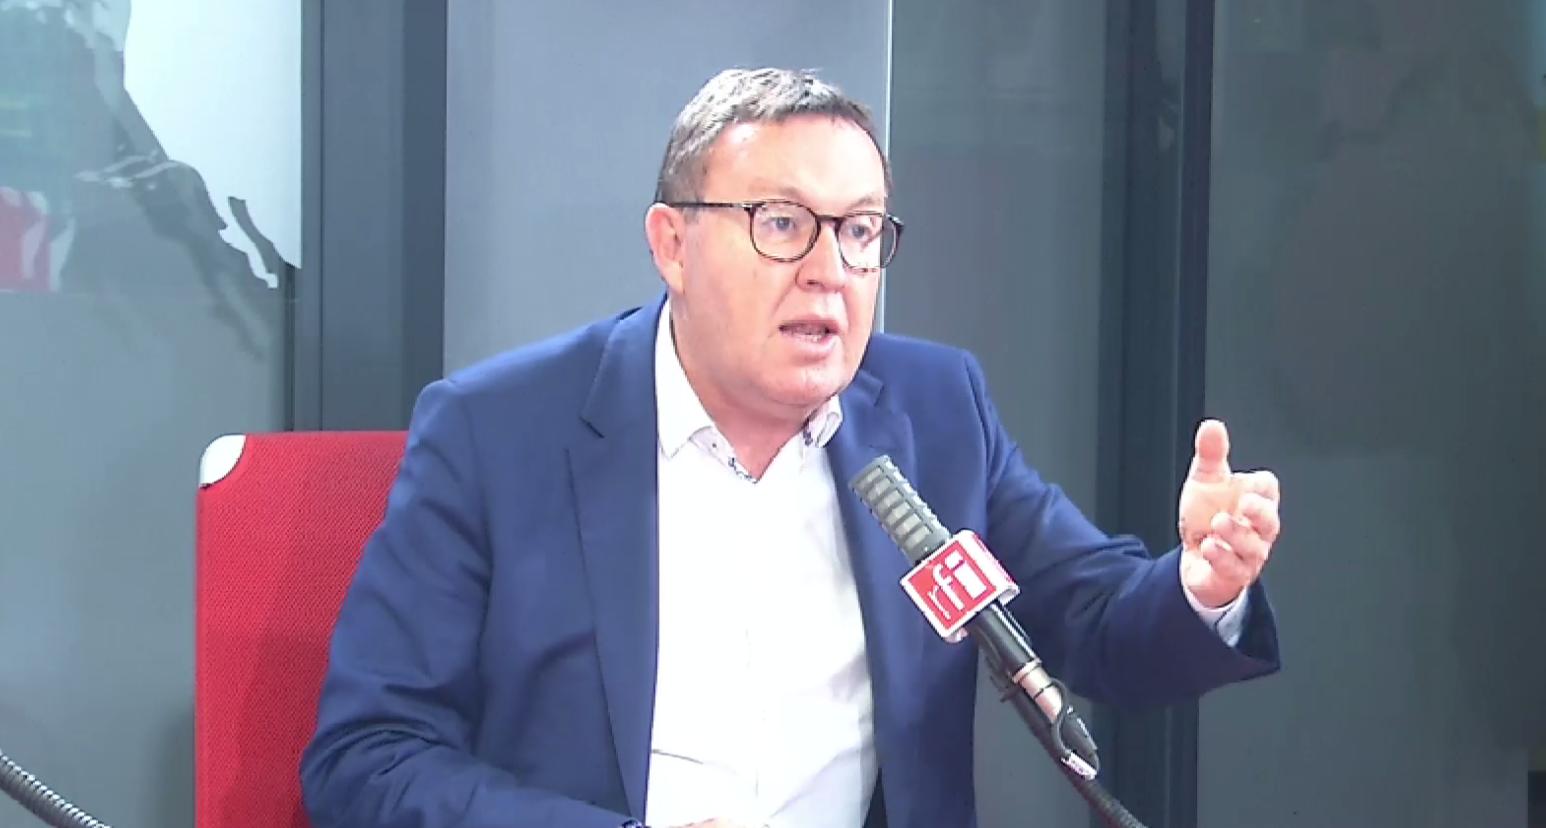 Éric Diard, député LR interrogé par Eric Rivière le 22 juillet 2021